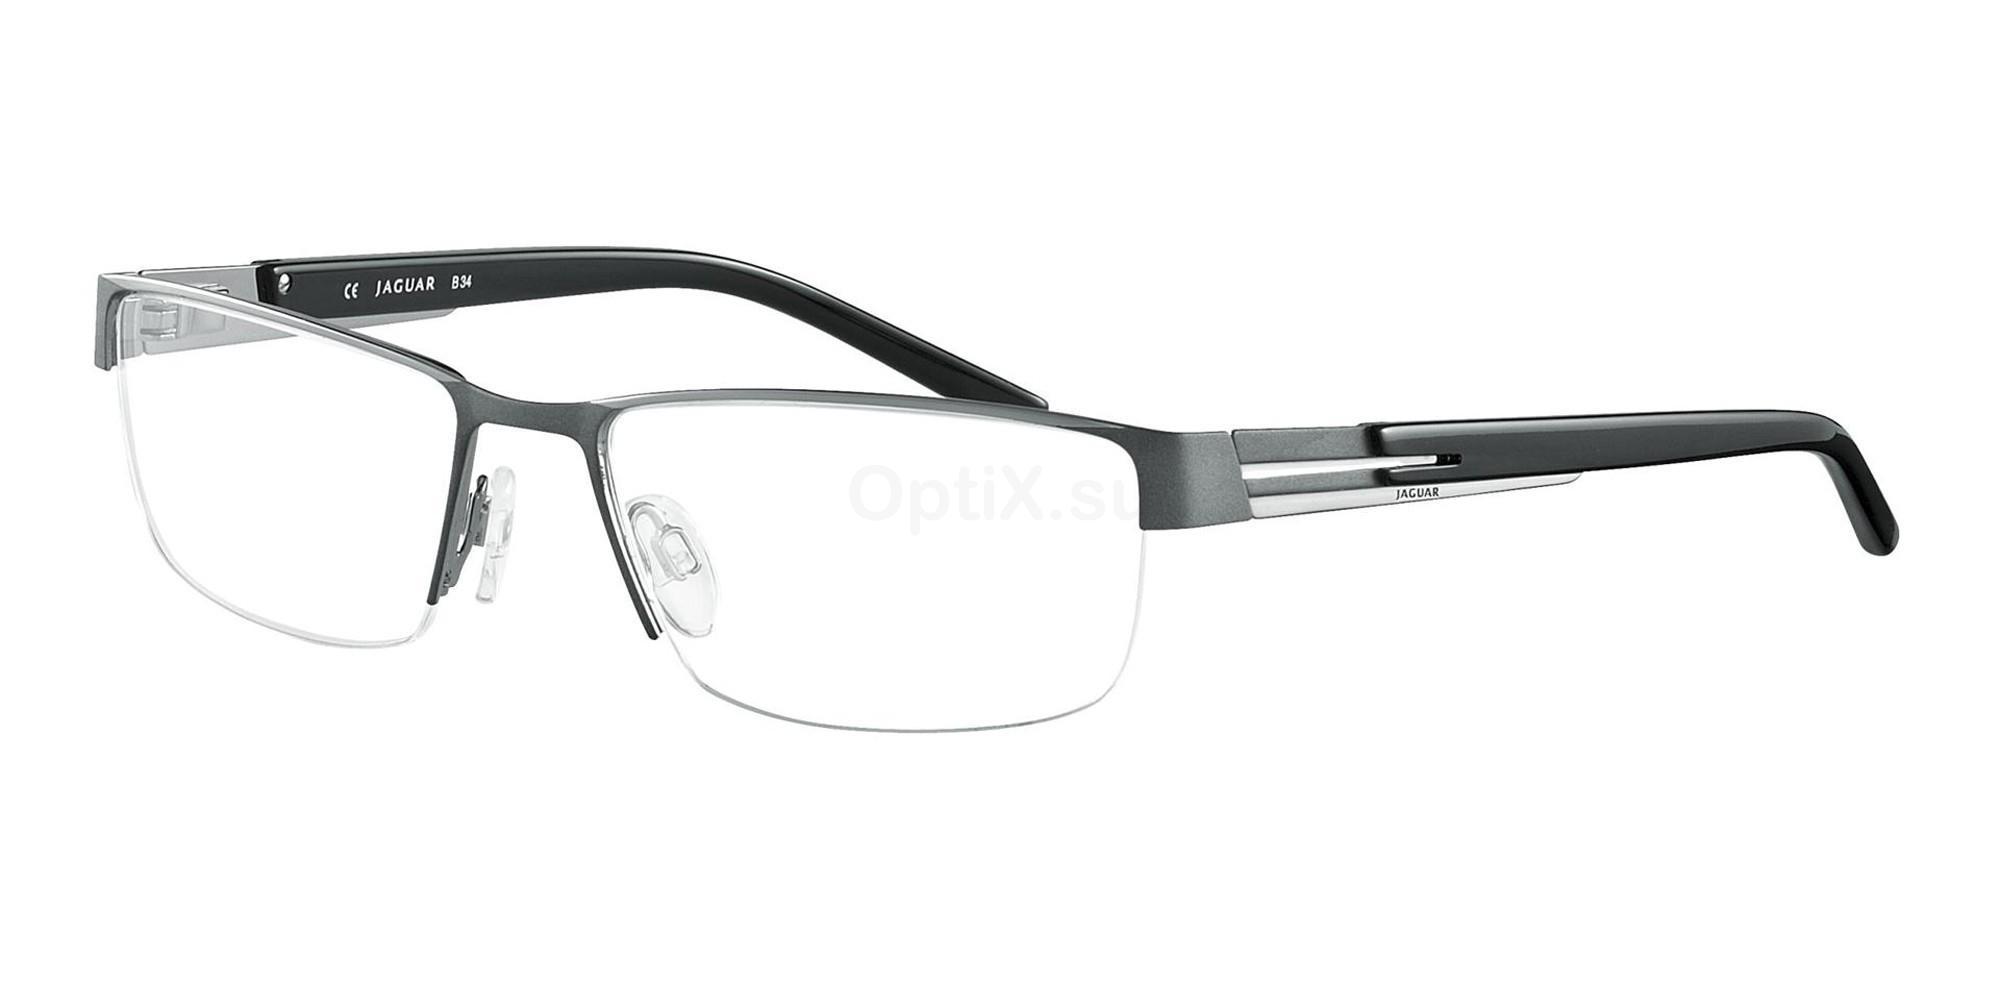 650 33552 , JAGUAR Eyewear